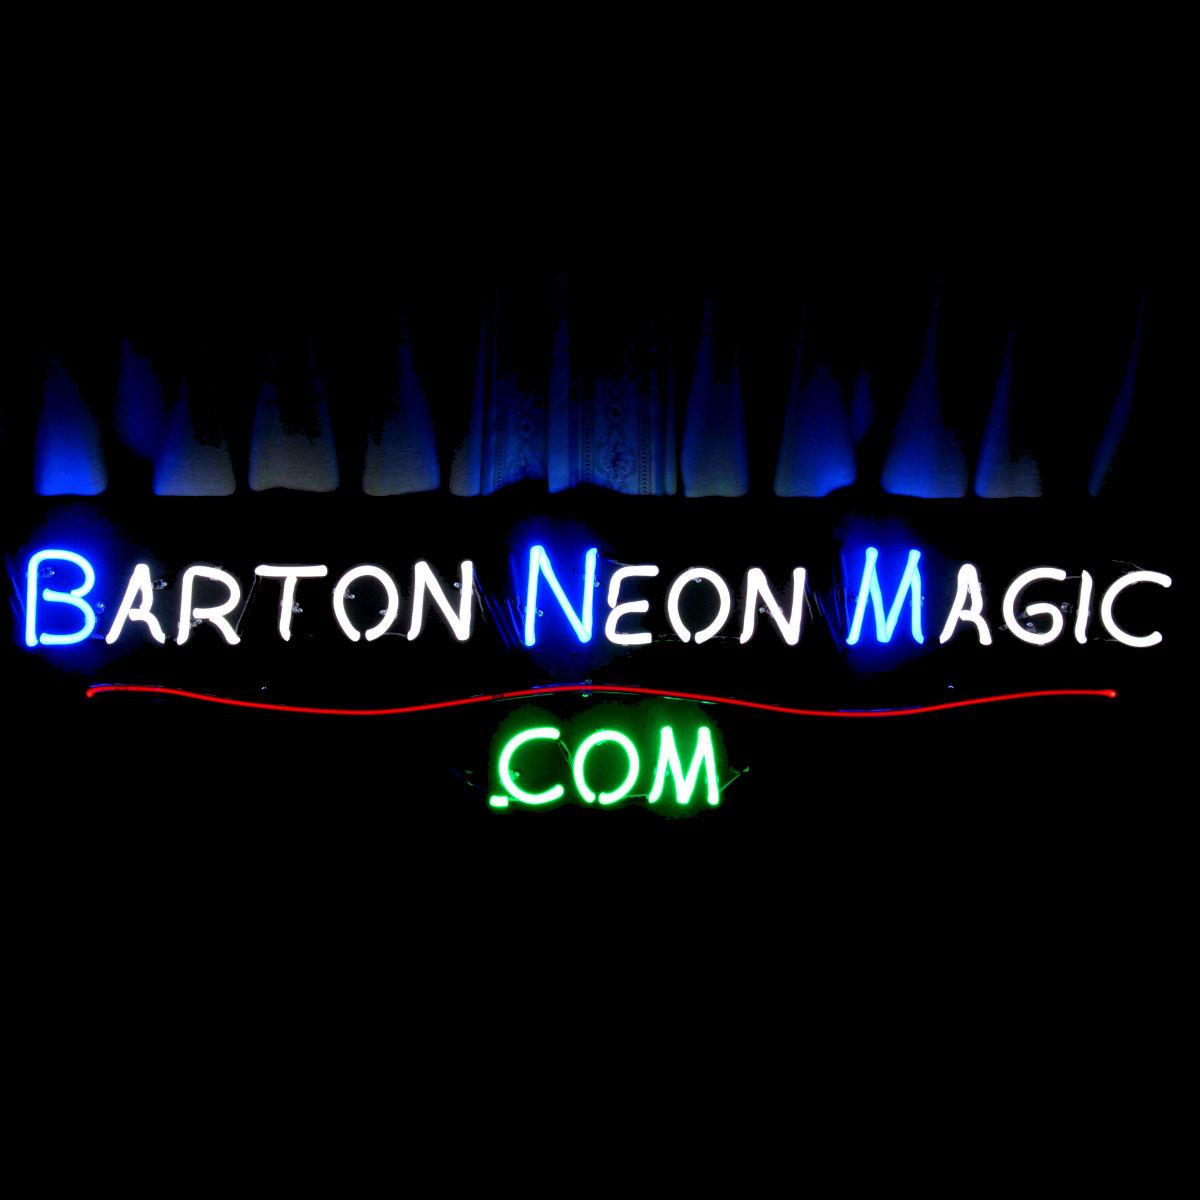 Packard Dealer Neon Signs by John Barton - former Packard New Car Dealer - BartonNeonMagic.com